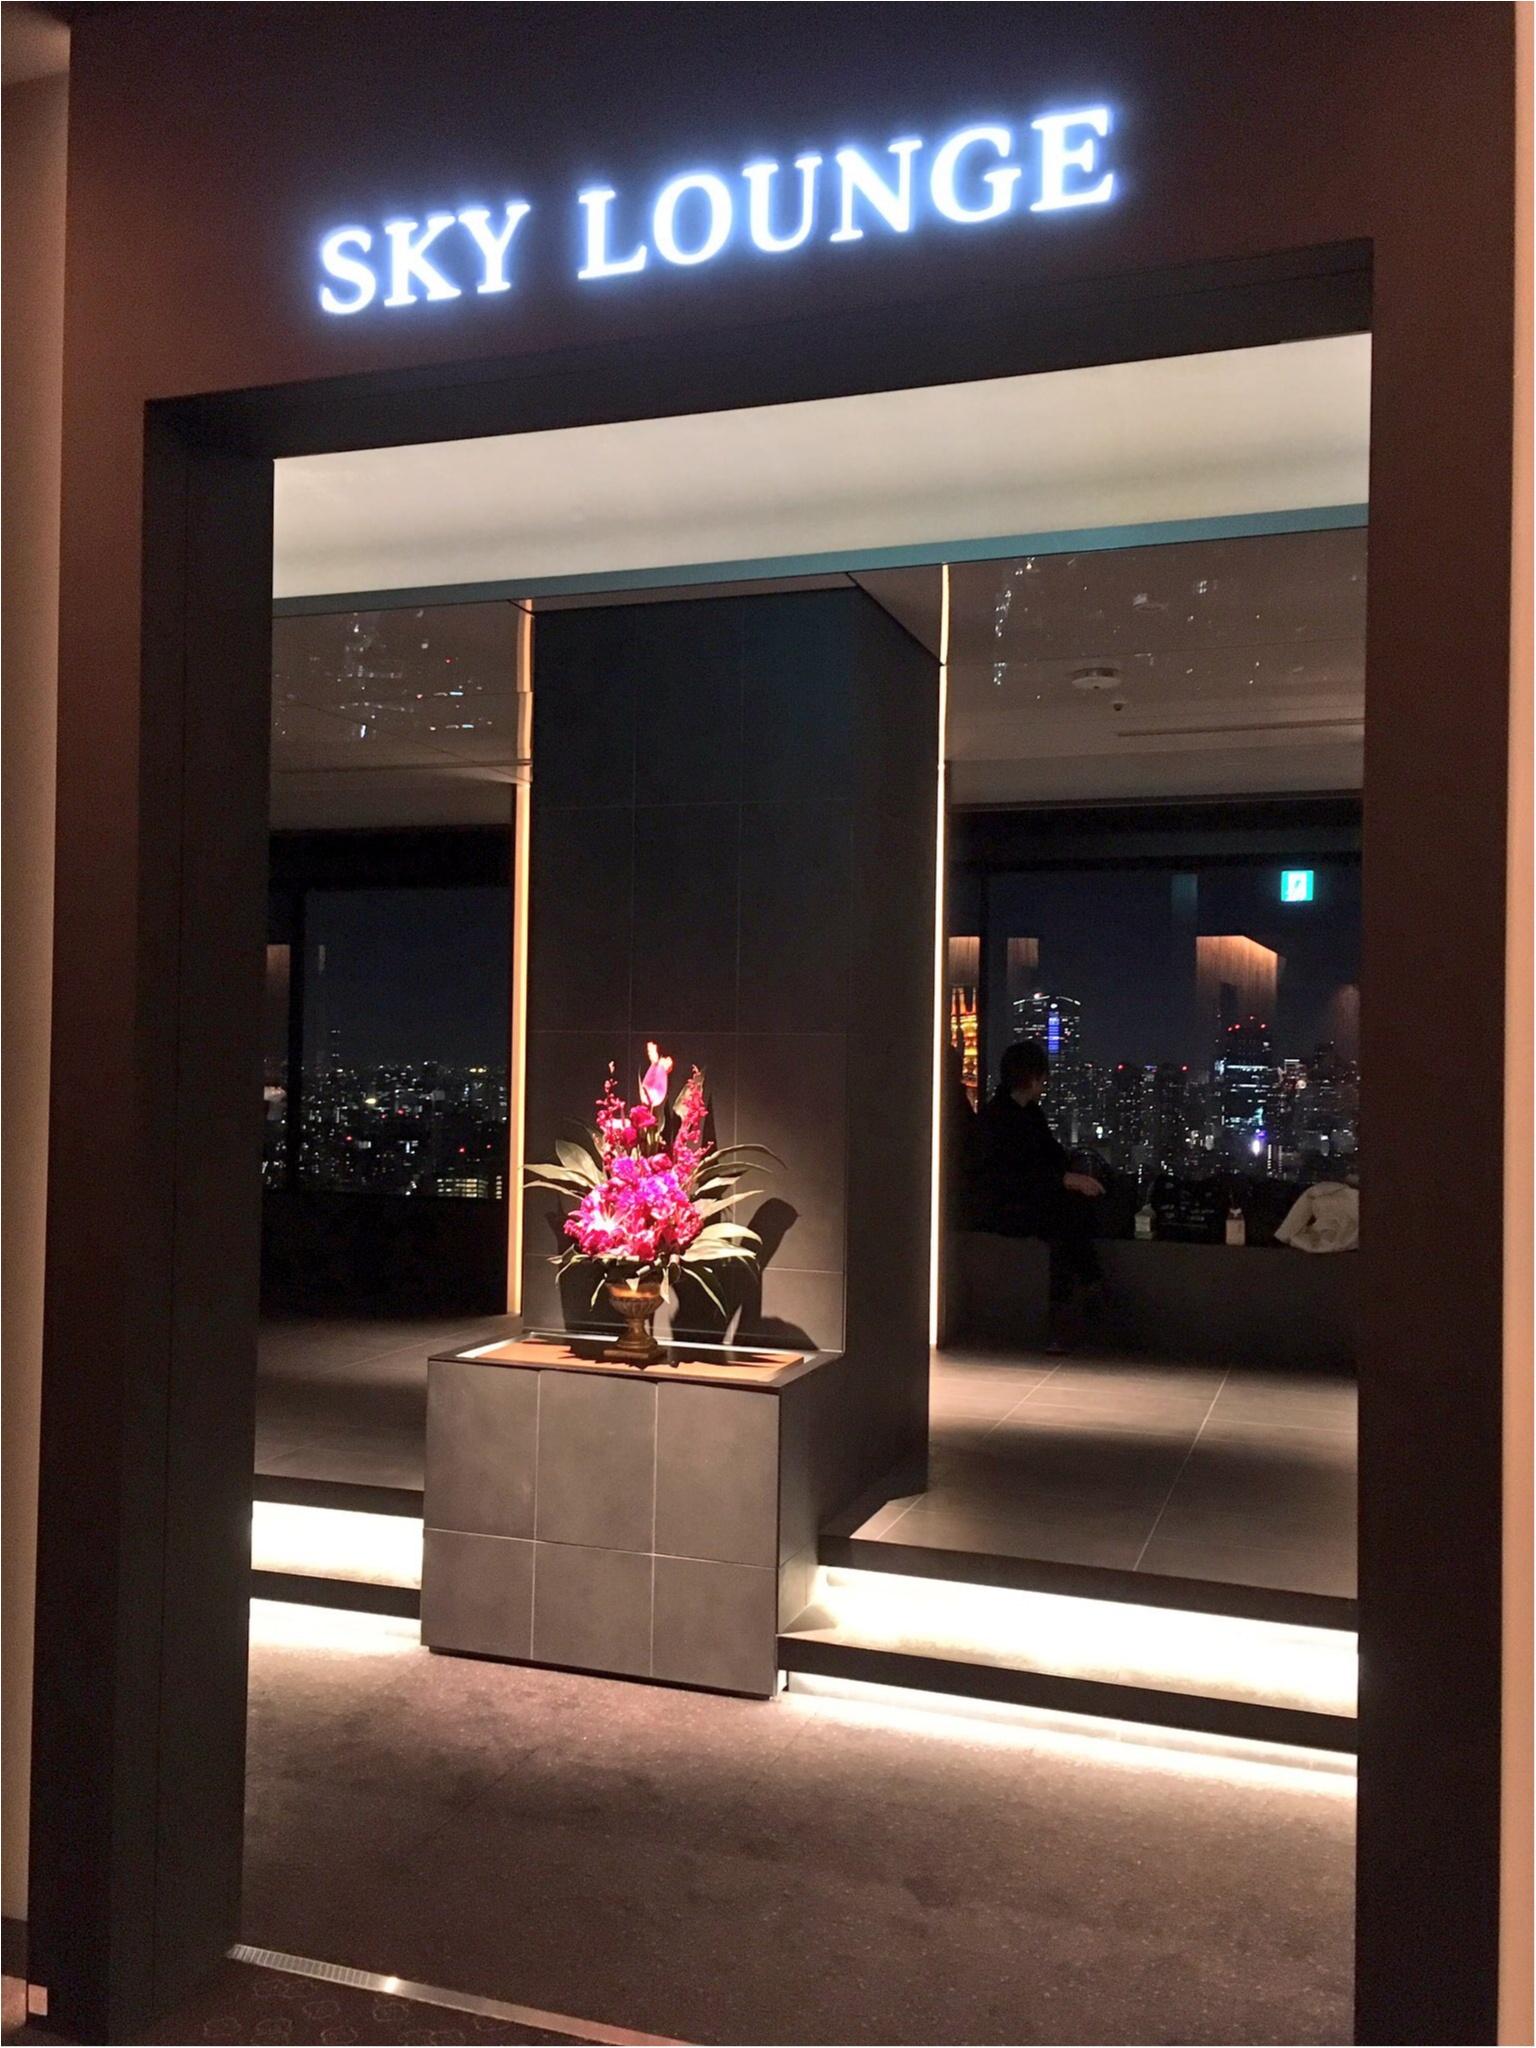 『恵比寿ガーデンプレイス』イルミネーションのとっておきの楽しみ方をご紹介♡会場隣38Fの無料の展望スペース『SKY LOUNGE』をご存知でしたか?_9